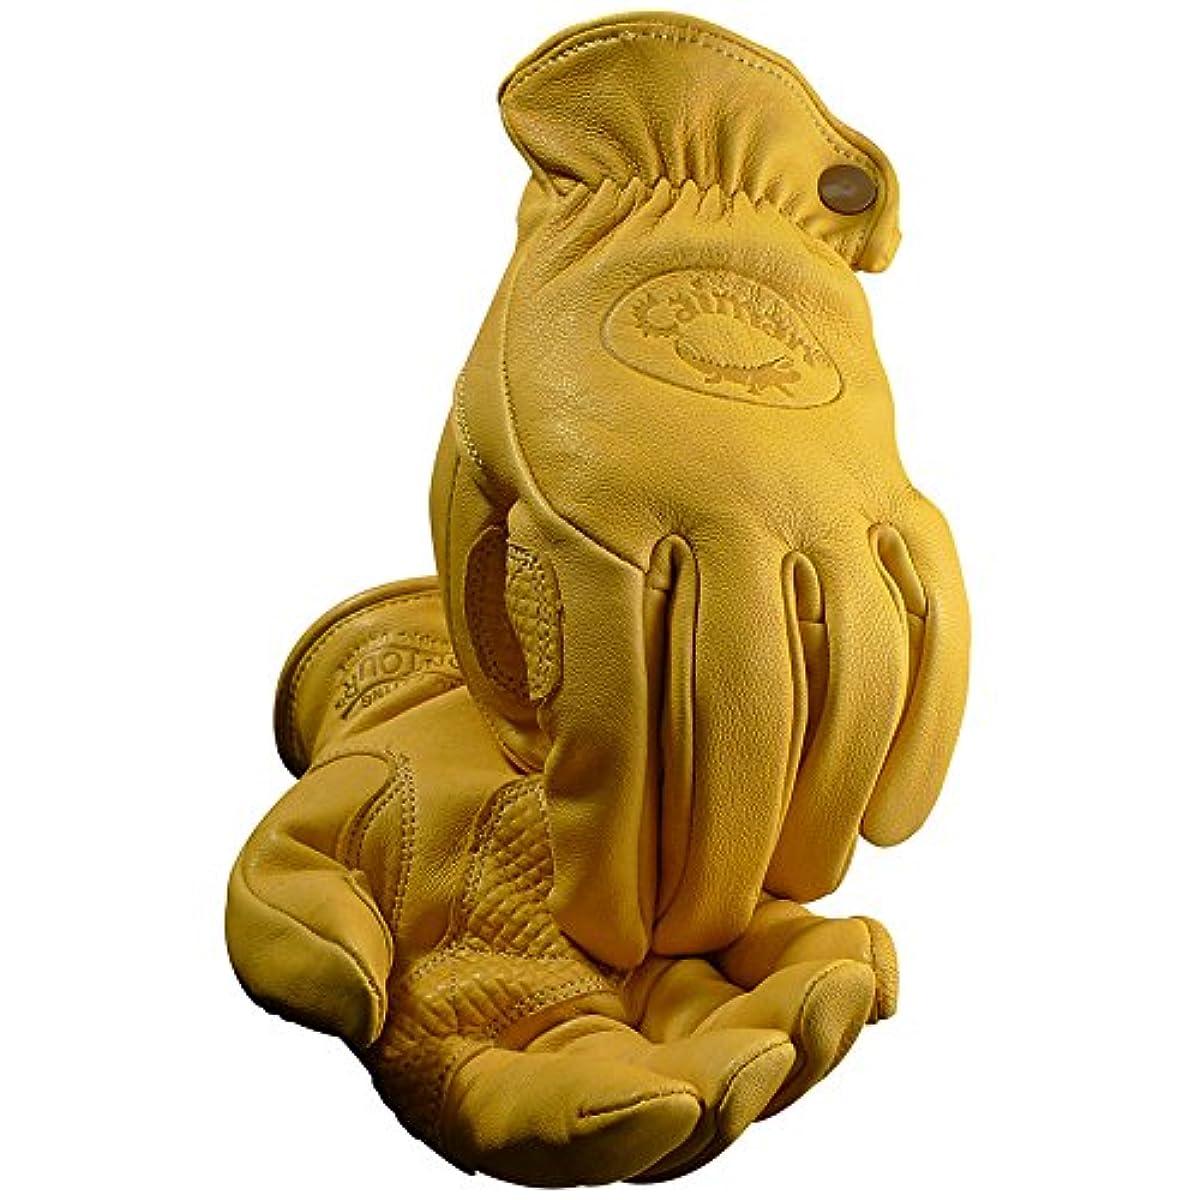 [해외] CAIMAN 카이 맨 레져 글러브(가죽 장갑) 드라이어이버/워크/오토바이 GOLD SHEEP GRAIN(양가죽) (L)